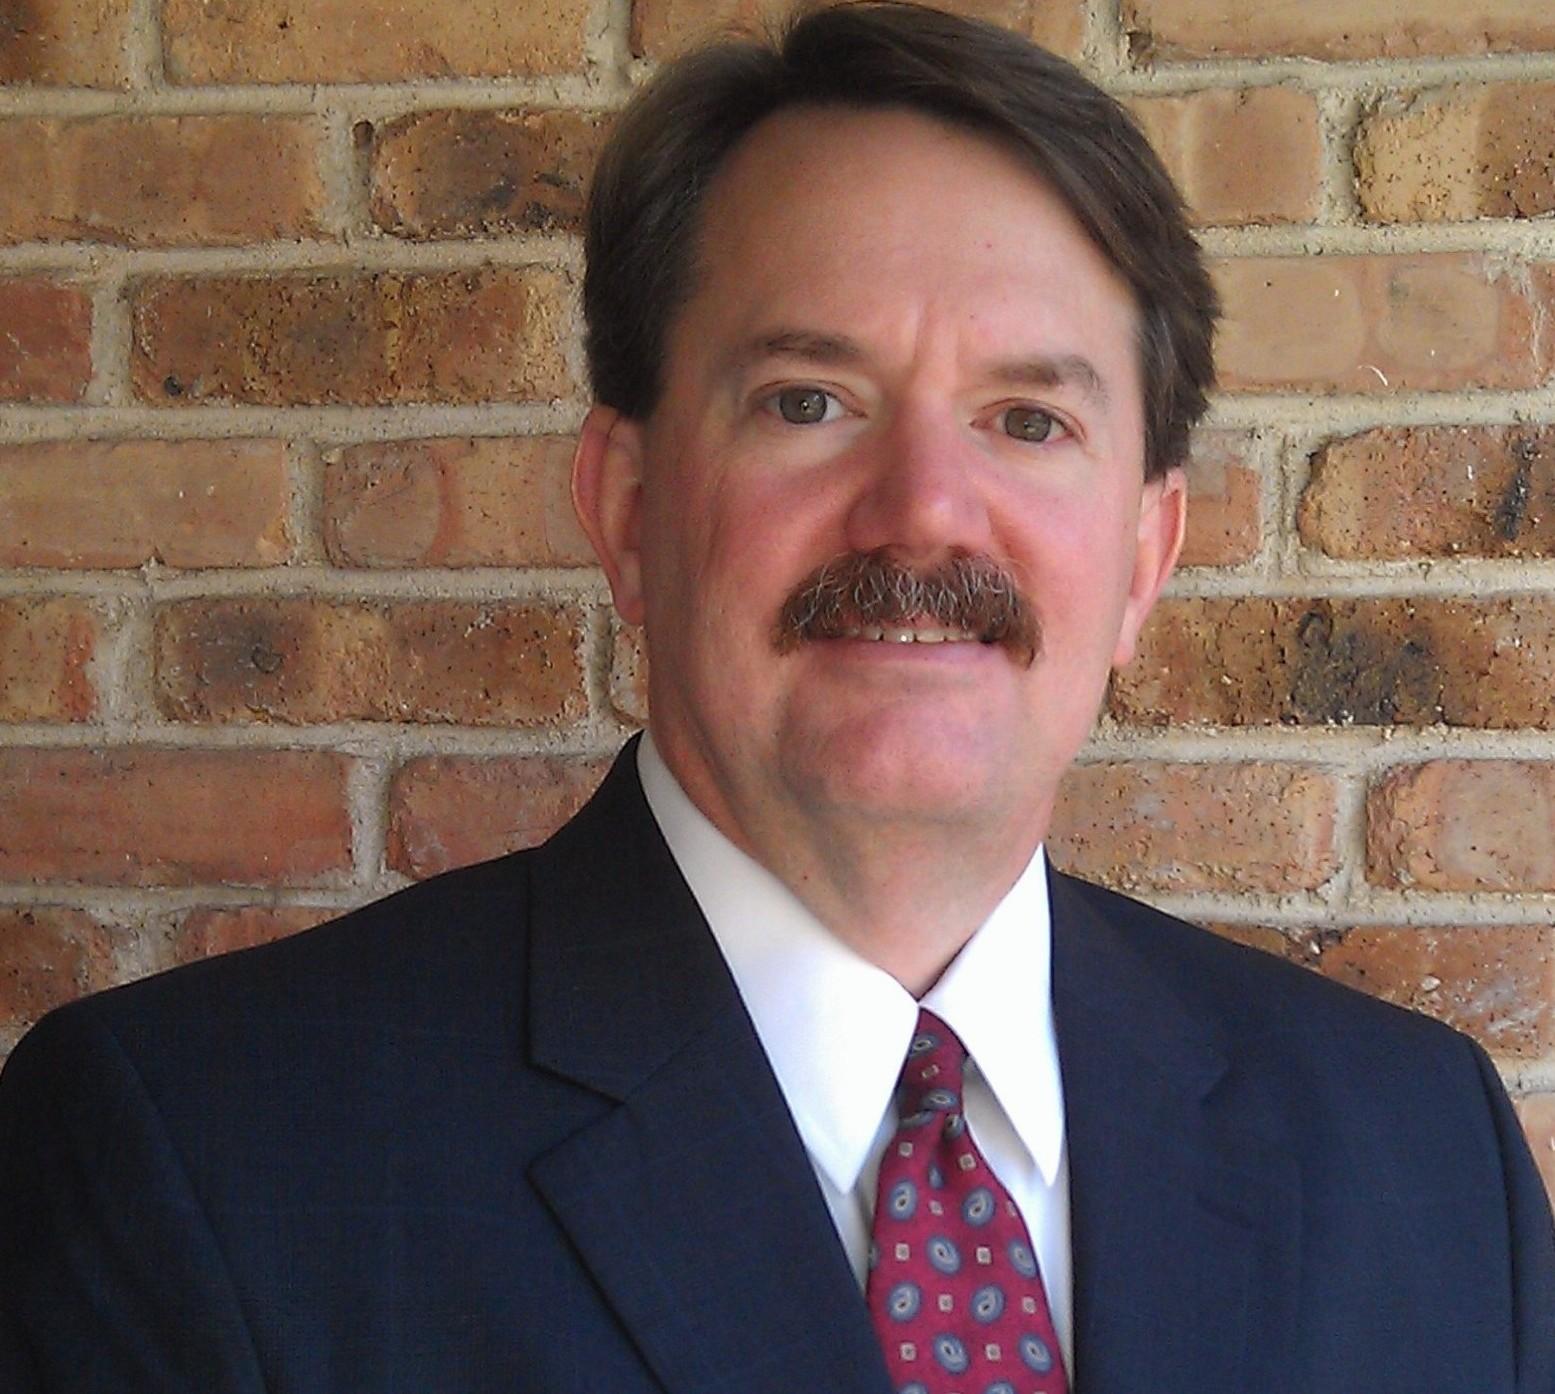 JOHN RICHARD PHILLIPS Insurance Agent